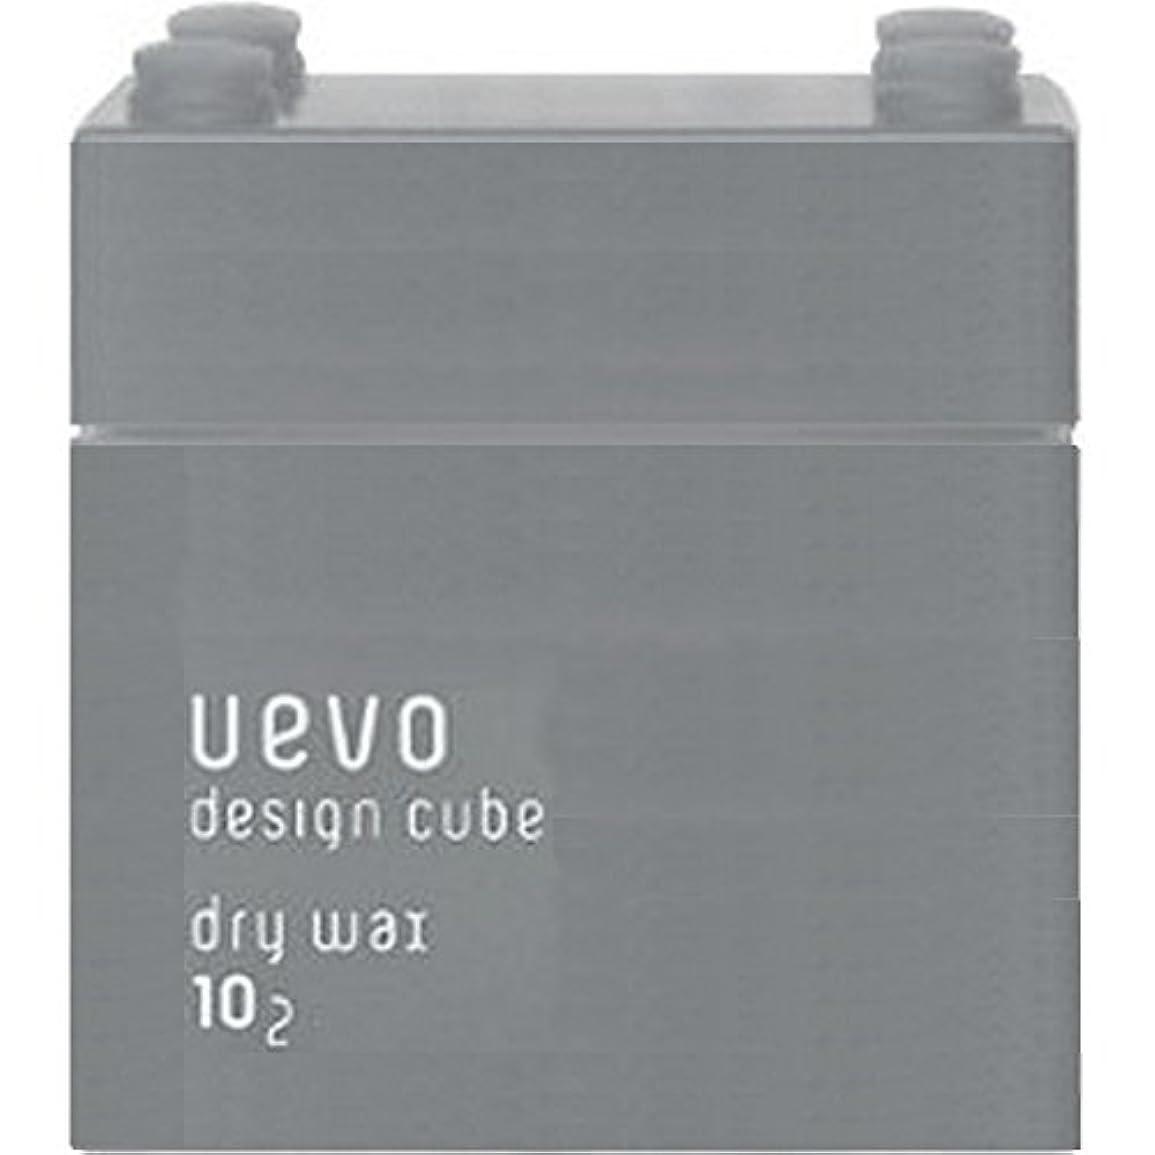 デミ?ウェーボ デザインキューブ ドライワックス 80g(並行輸入品)